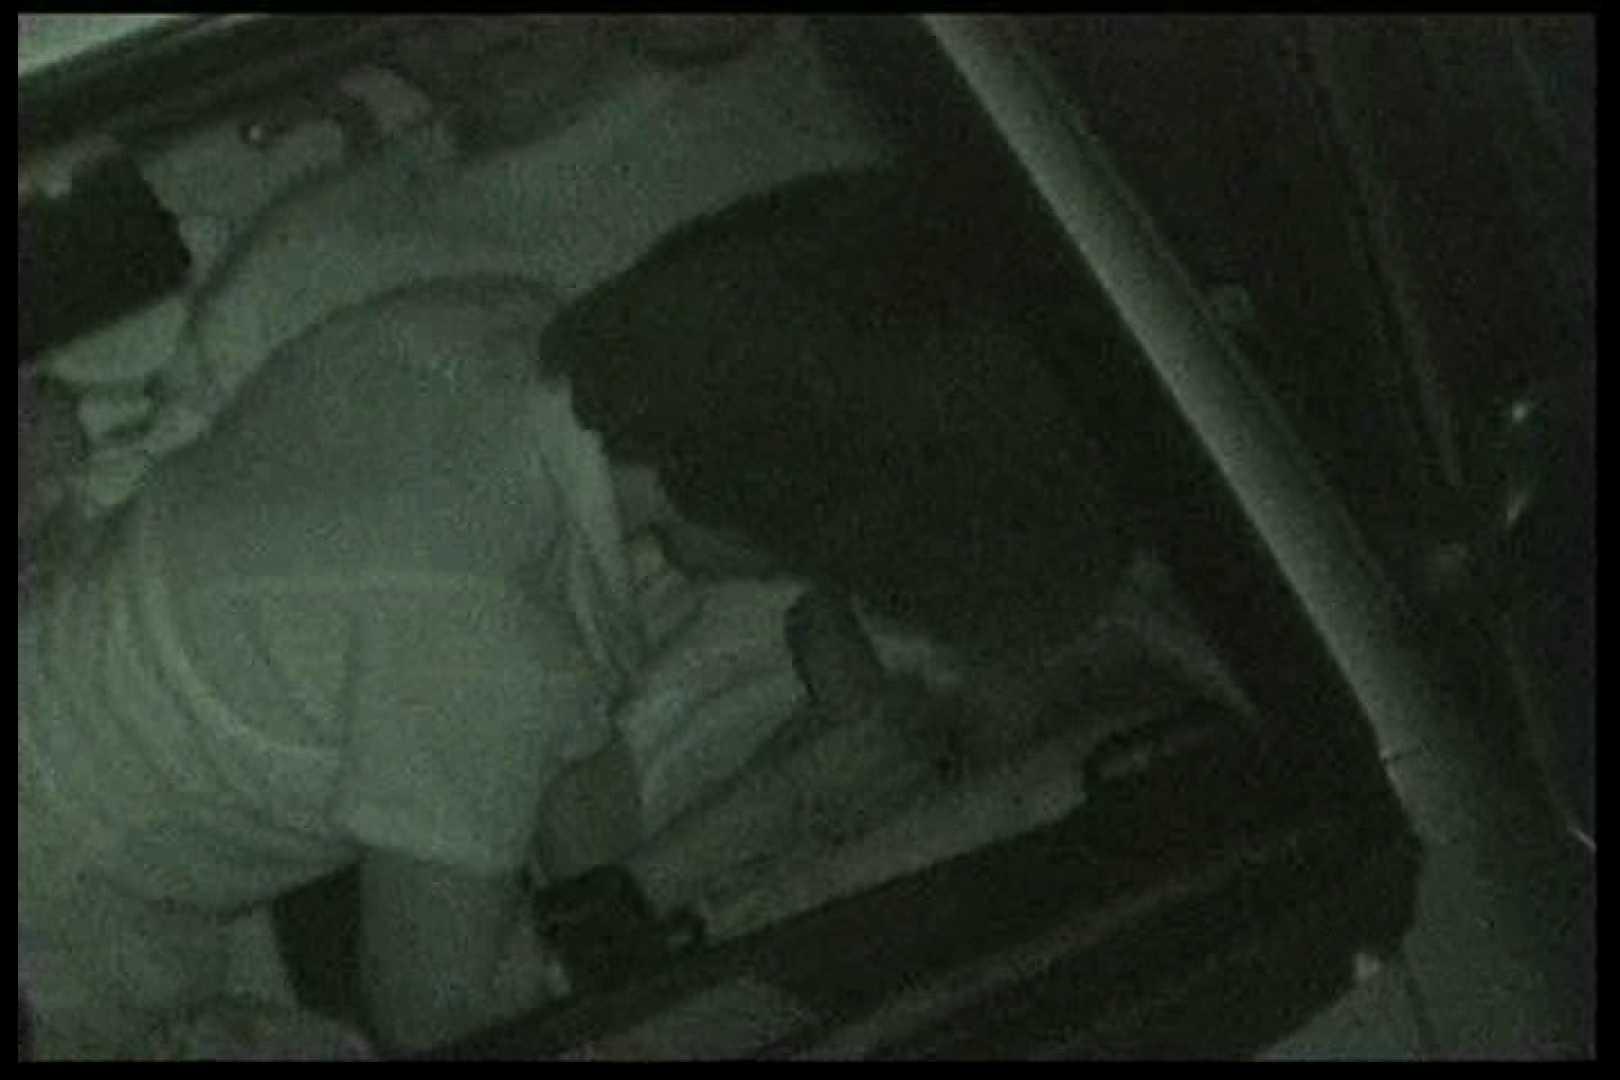 車の中はラブホテル 無修正版  Vol.14 OLセックス 盗撮オメコ無修正動画無料 100画像 32